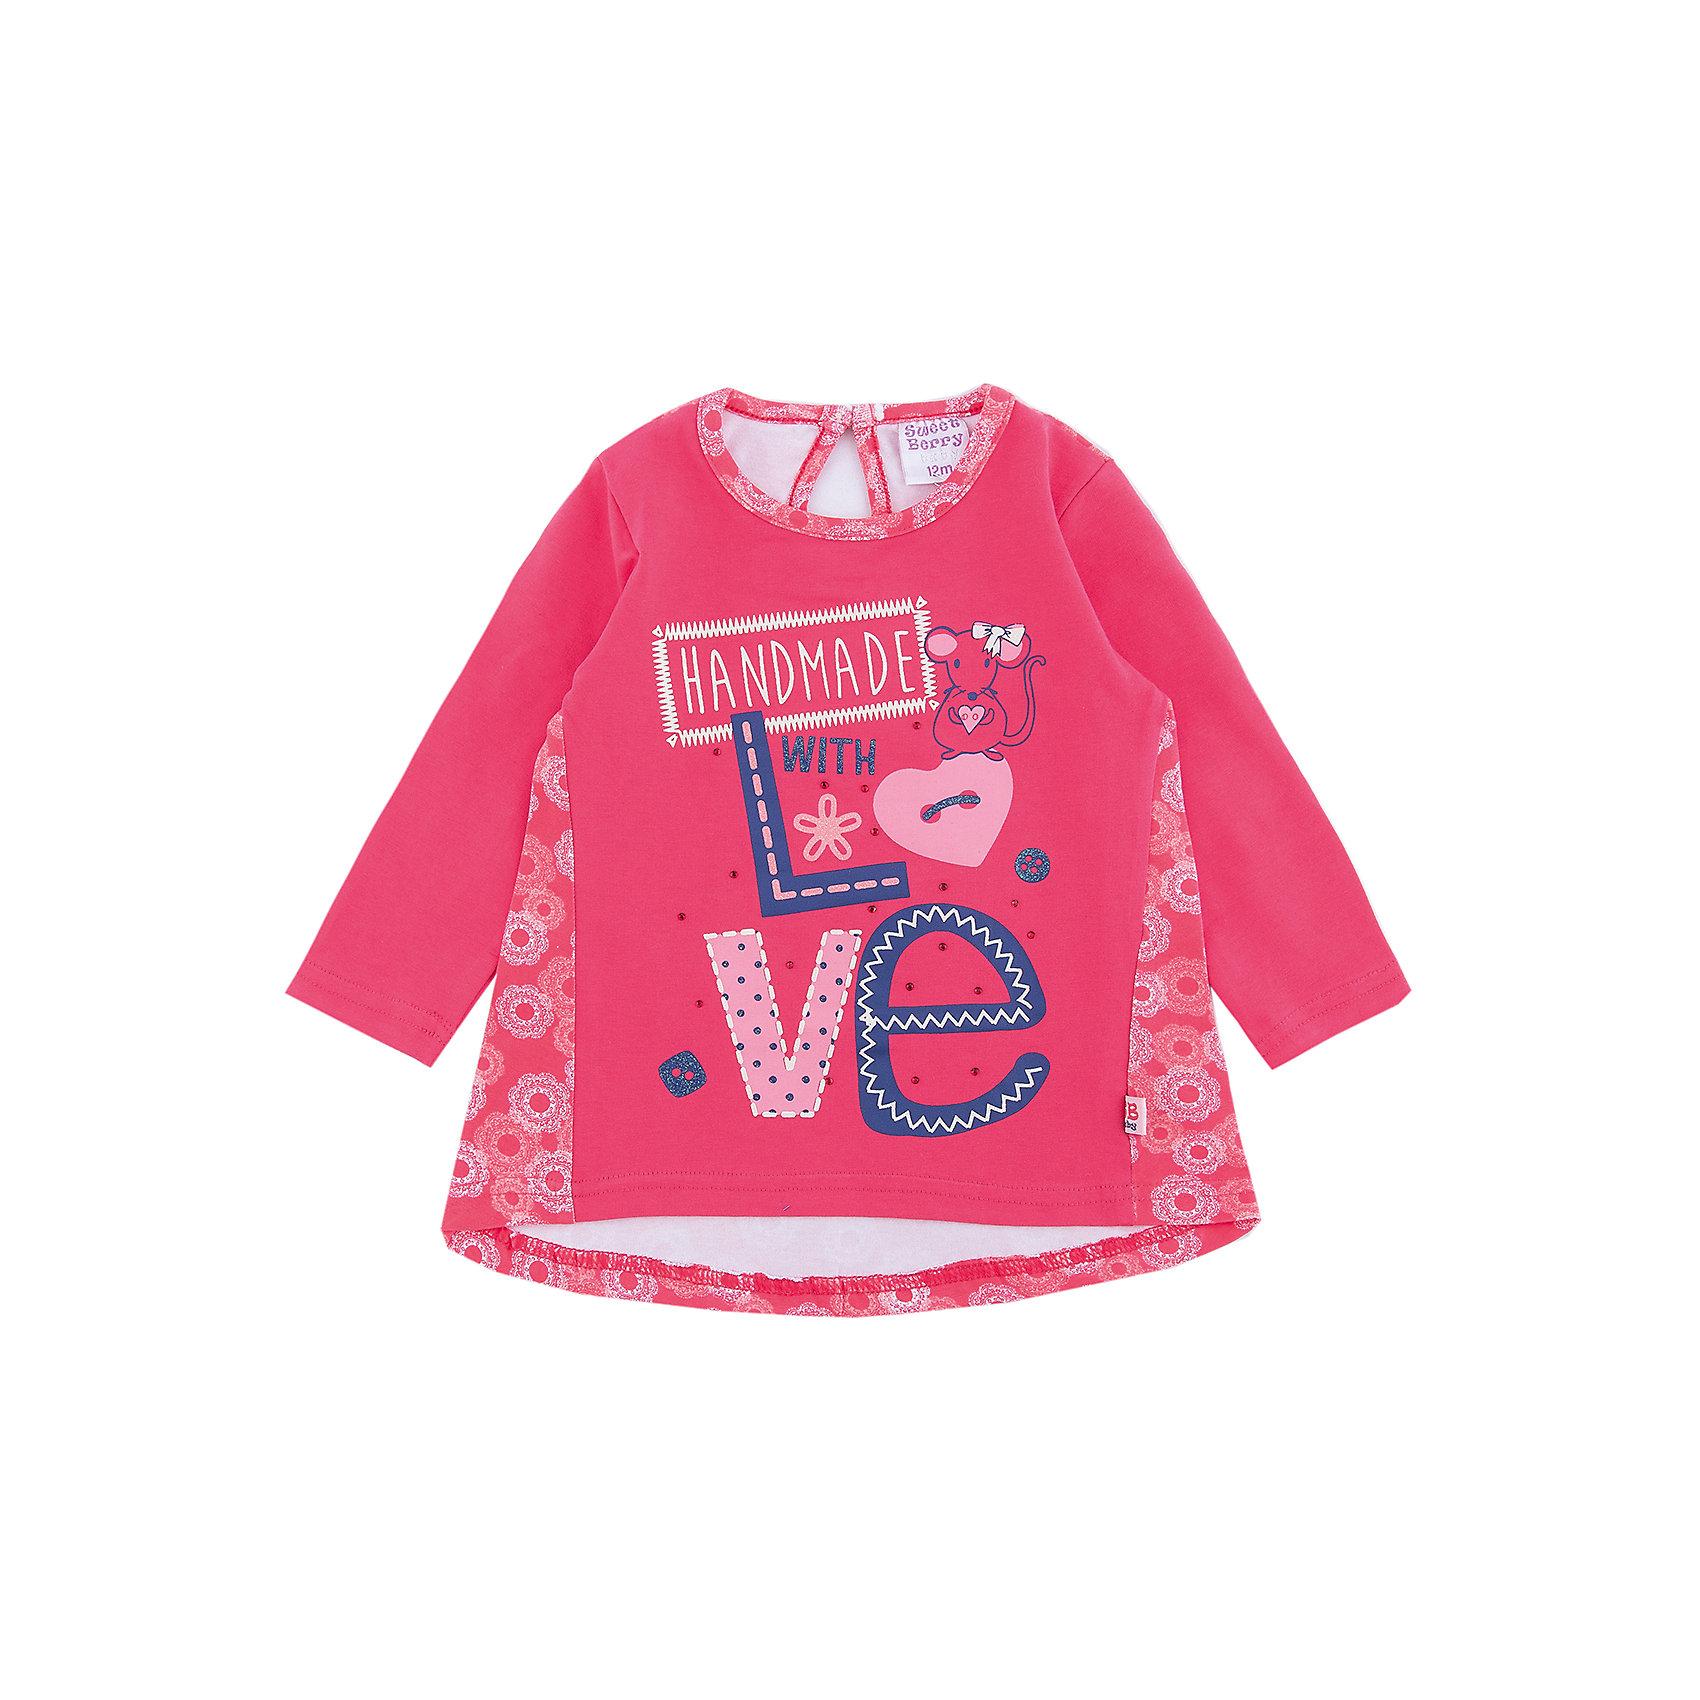 Футболка Sweet Berry для девочкиФутболки, топы<br>Футболка Sweet Berry для девочки<br>Яркая трикотажная футболка с длинным рукавом из комбинированного мягкого хлопкового полотна декорированная милым принтом.  Округлый вырез горловины, застегивается на пуговку на спинке, ассиметричный низ изделия.<br>Состав:<br>95% хлопок, 5% эластан<br><br>Ширина мм: 199<br>Глубина мм: 10<br>Высота мм: 161<br>Вес г: 151<br>Цвет: розовый<br>Возраст от месяцев: 24<br>Возраст до месяцев: 36<br>Пол: Женский<br>Возраст: Детский<br>Размер: 98,92,86,80<br>SKU: 7094563